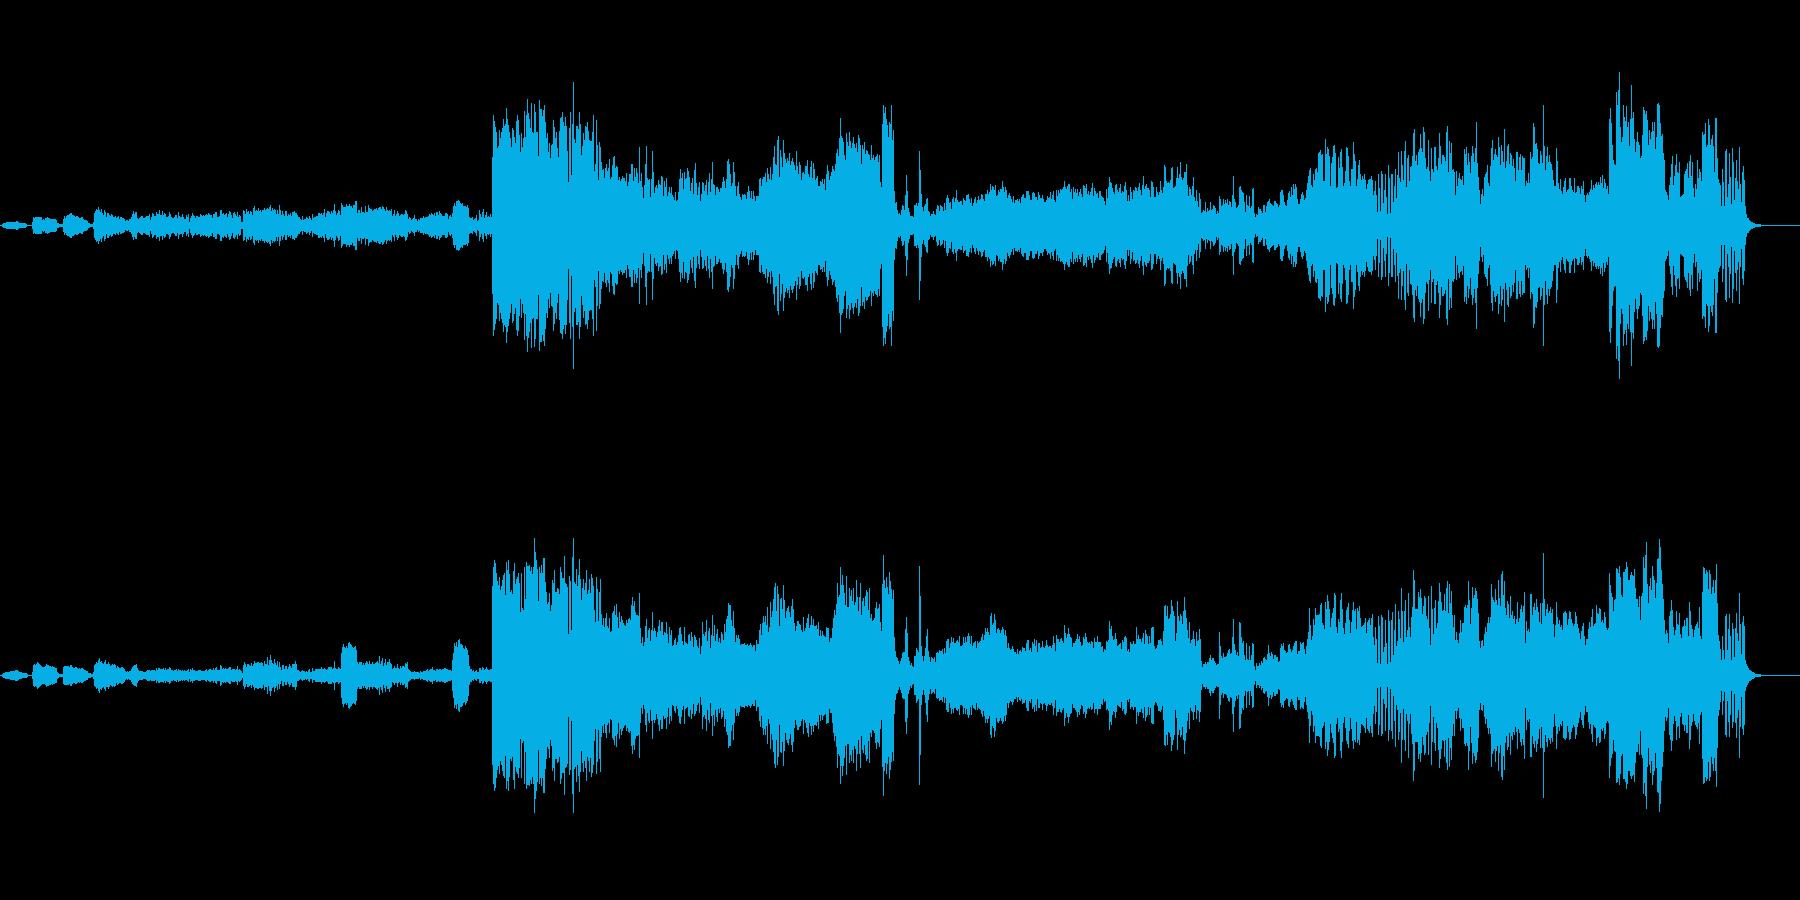 [夏] メンデルスゾーン/真夏の夜の夢の再生済みの波形